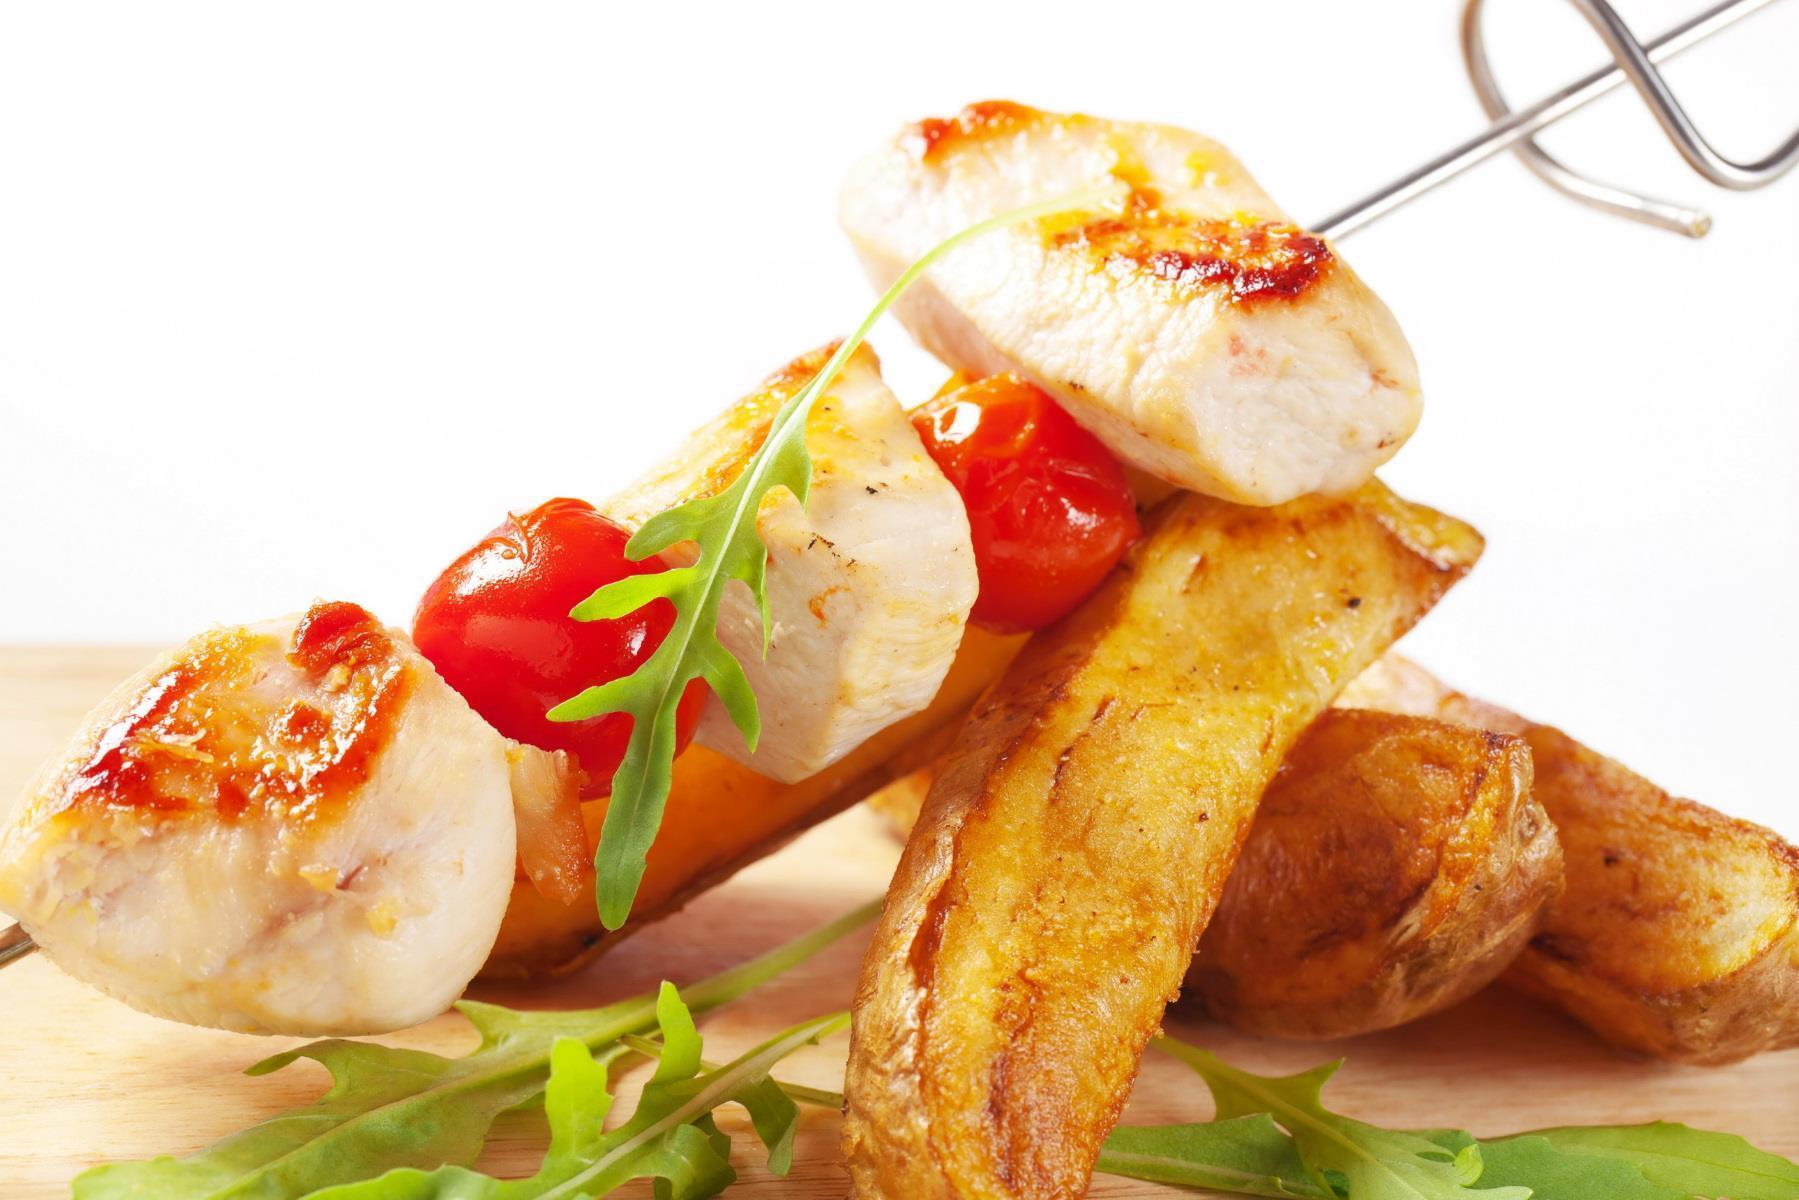 manger-frais_manger-colore_des-photos-Hd-a-telecharger_03